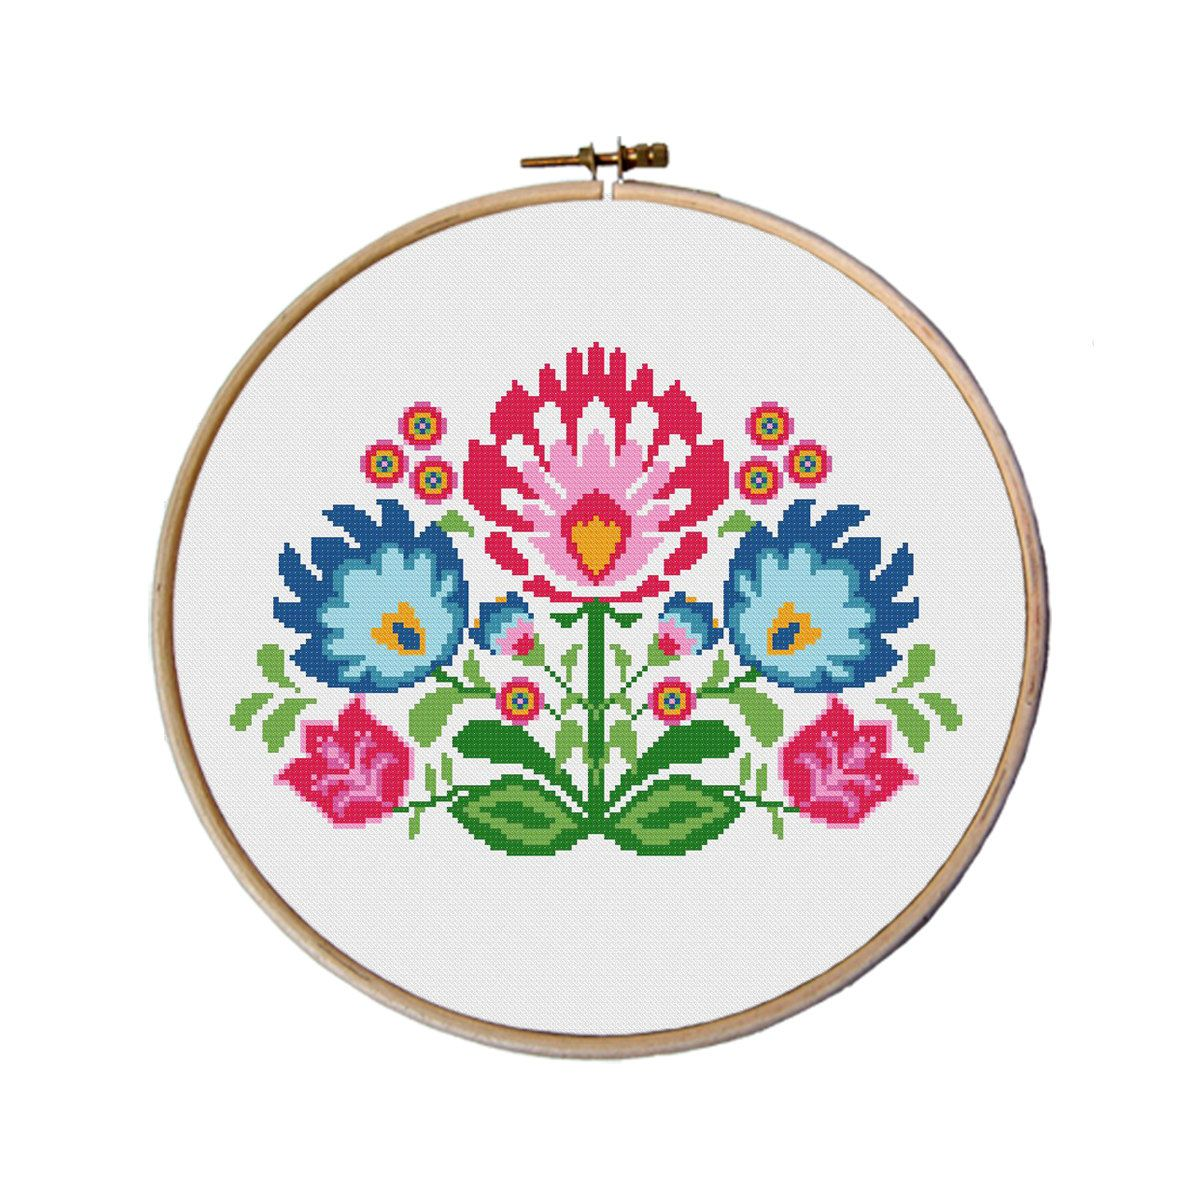 Flowers cross stitch pattern cross stitch by myfunnystitches